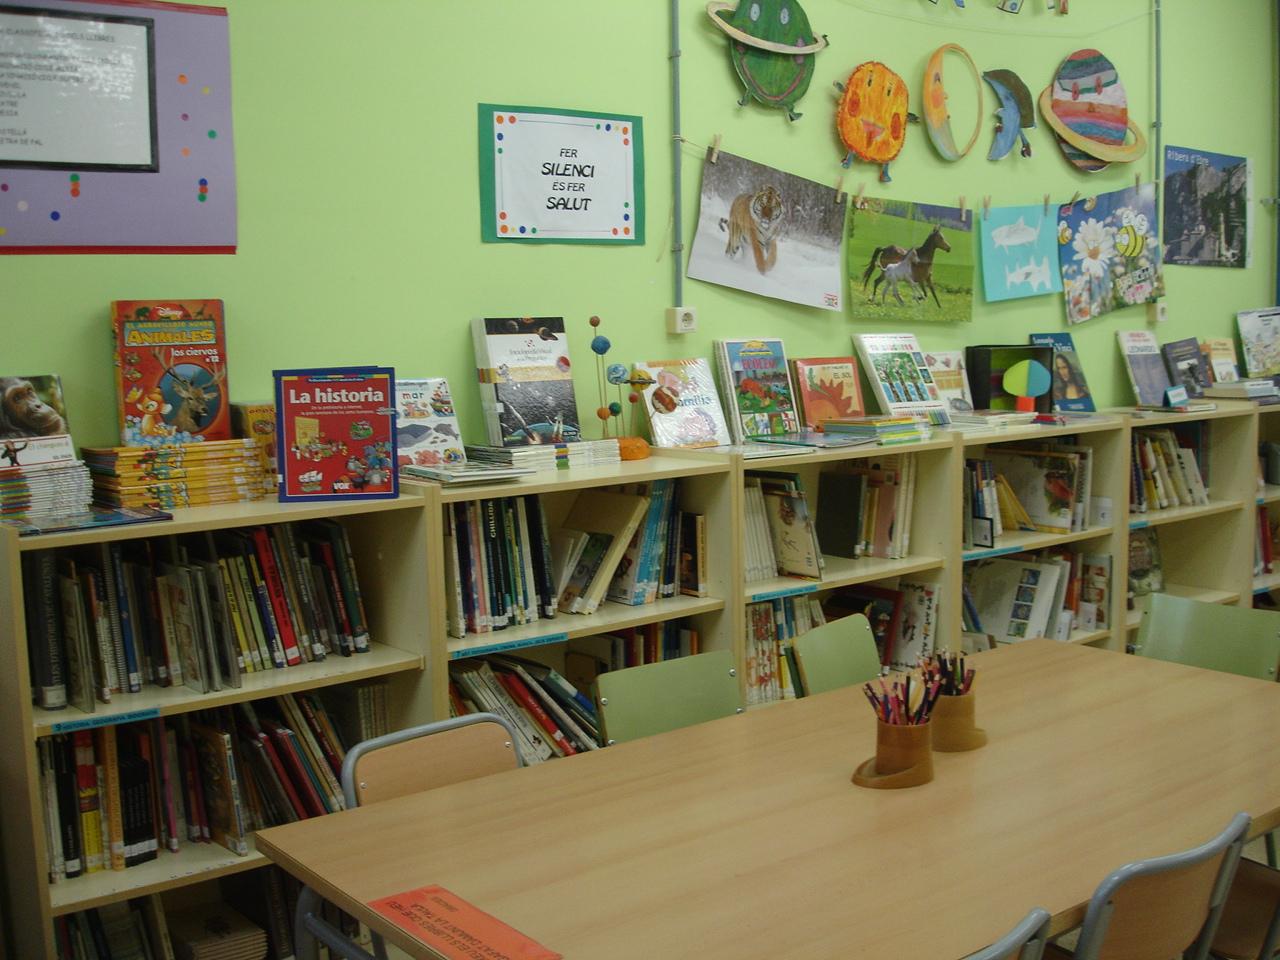 biblioteca 2015 (5)